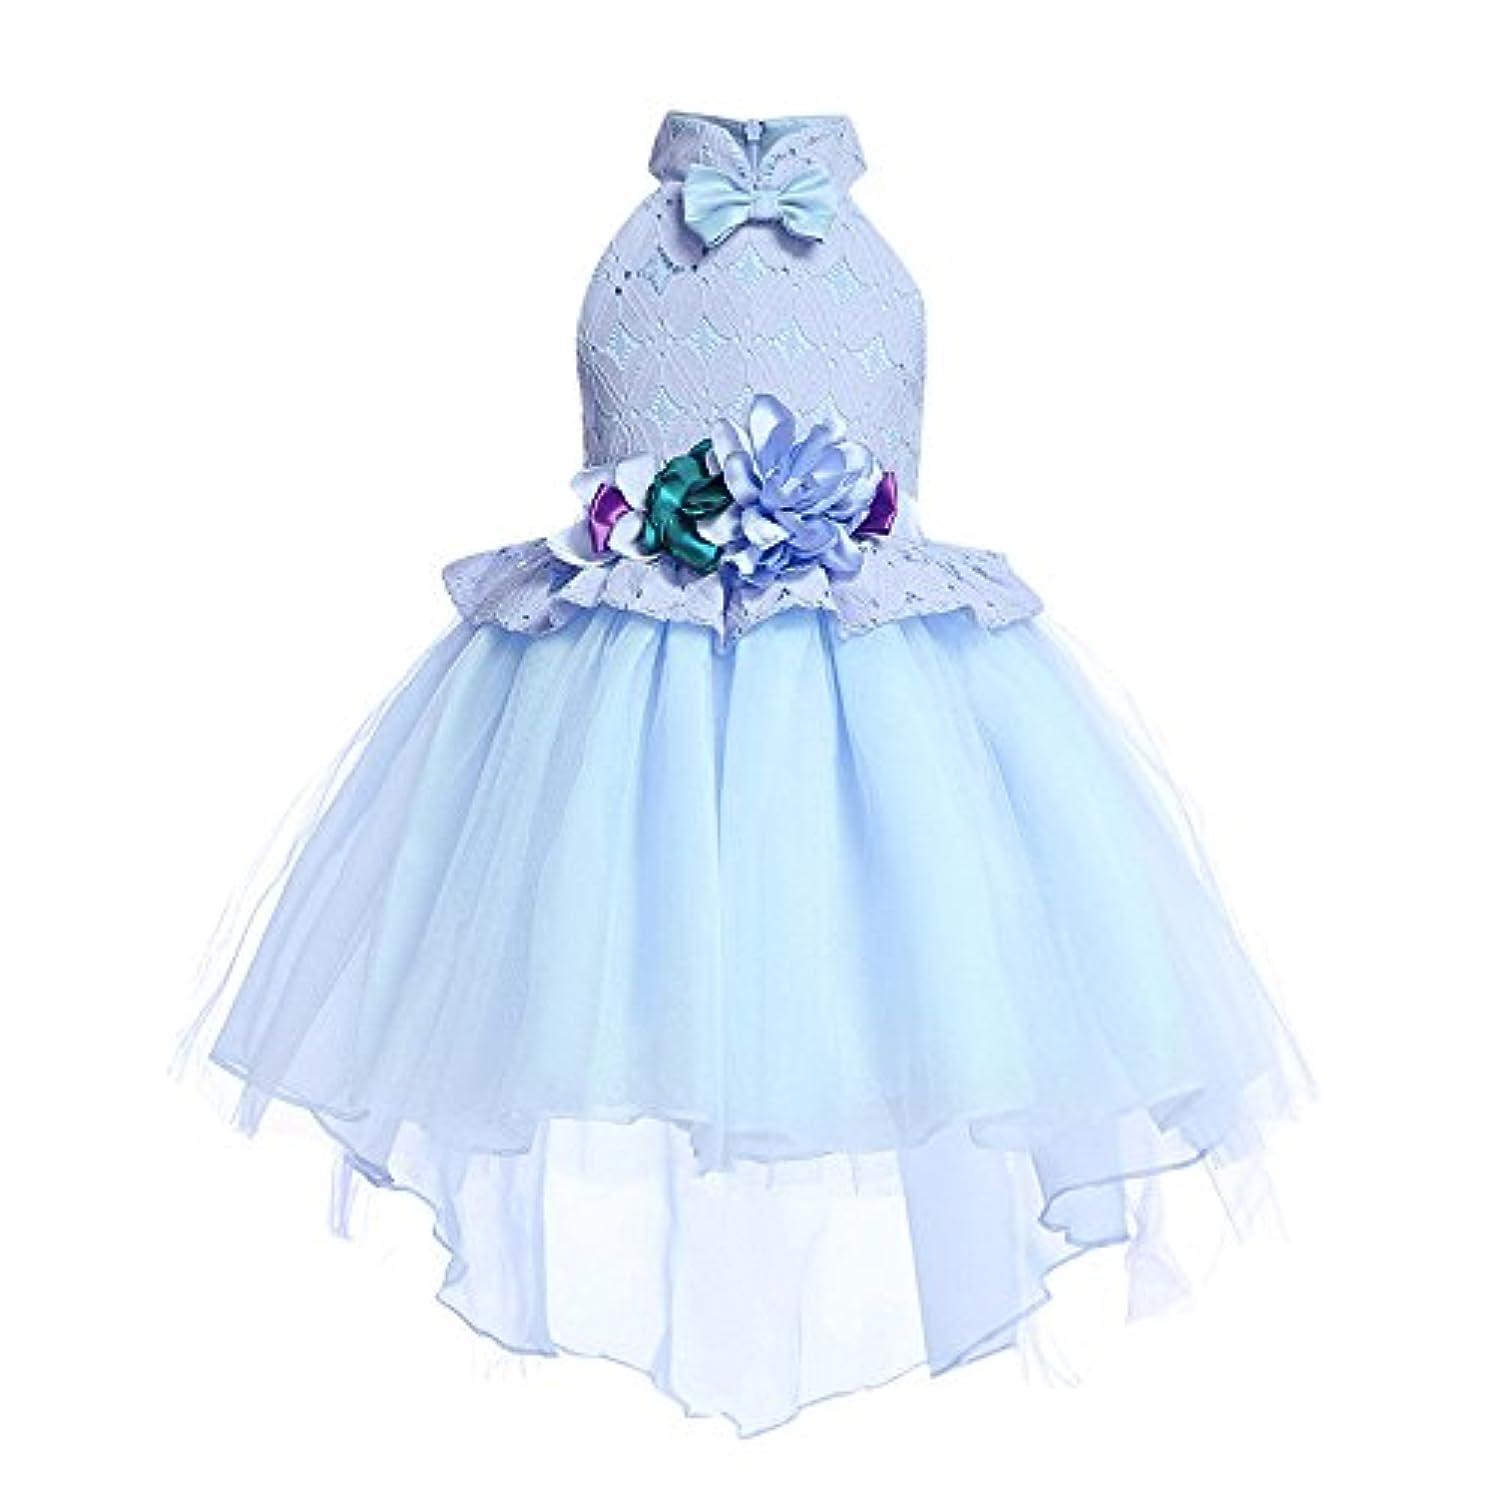 格差処分した魅力的であることへのアピールMhomzawa ドレス 女の子 子供 ドレス 舞台 衣装 発表会 ドレス 花柄 パニエ 女の子 フォーマルドレス ピアノ 発表会 こどもドレス キッズ ドレス 結婚式 演奏会 誕生会 パーティ